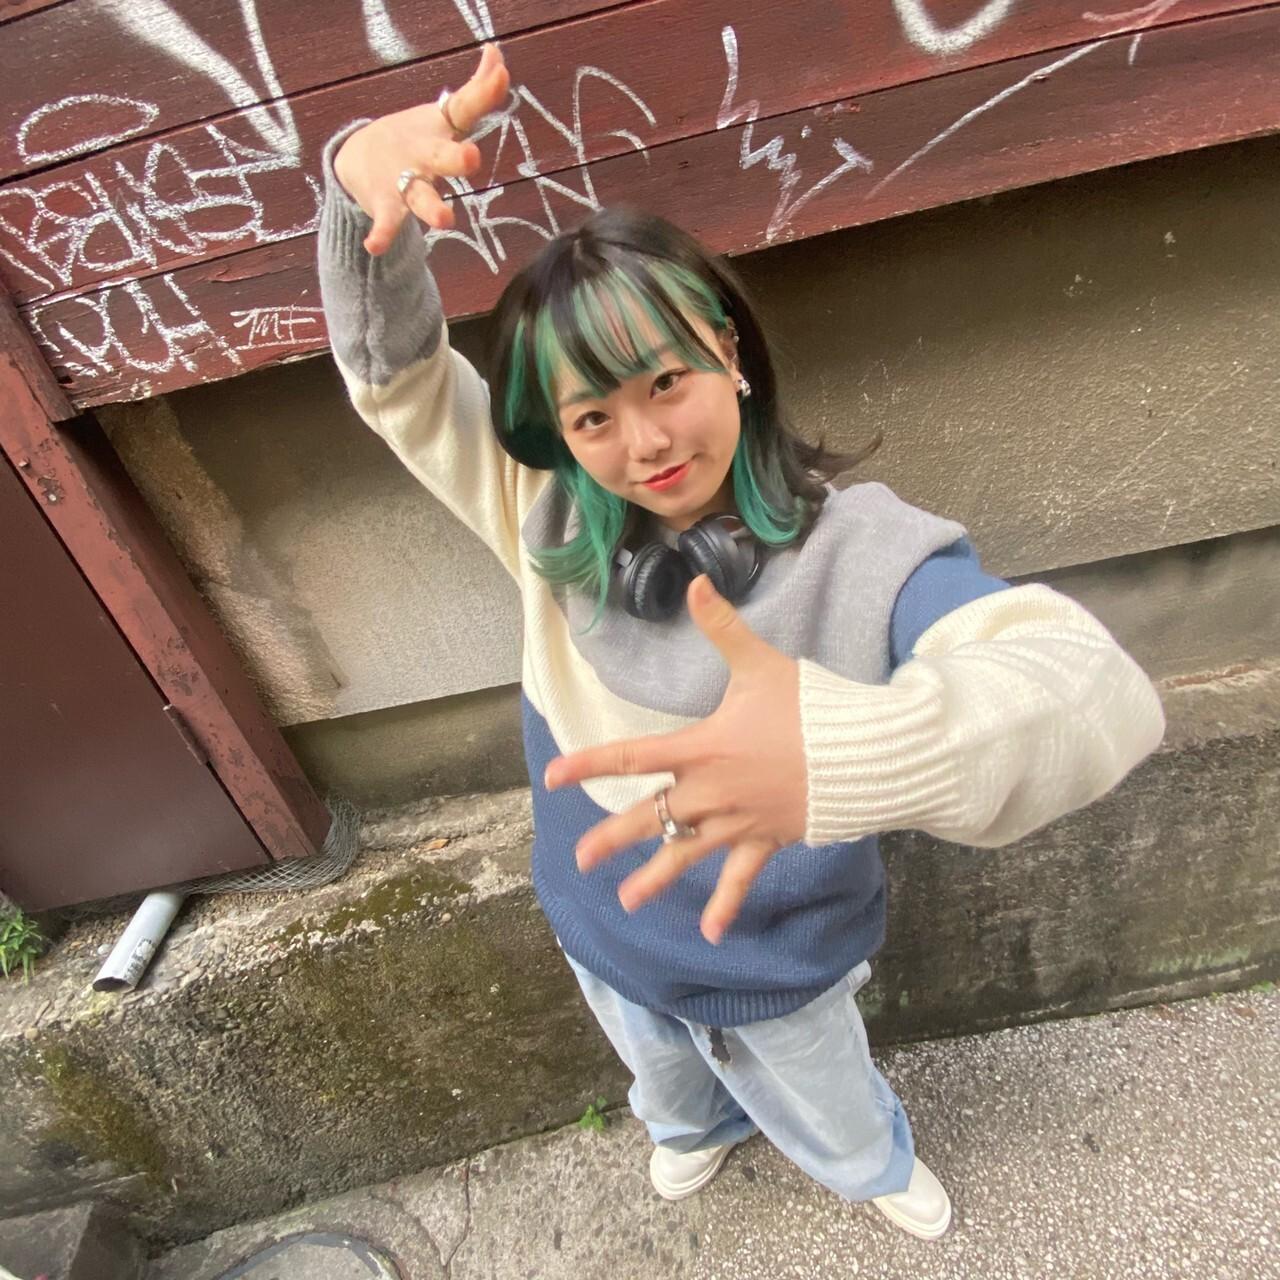 緑髪の女性